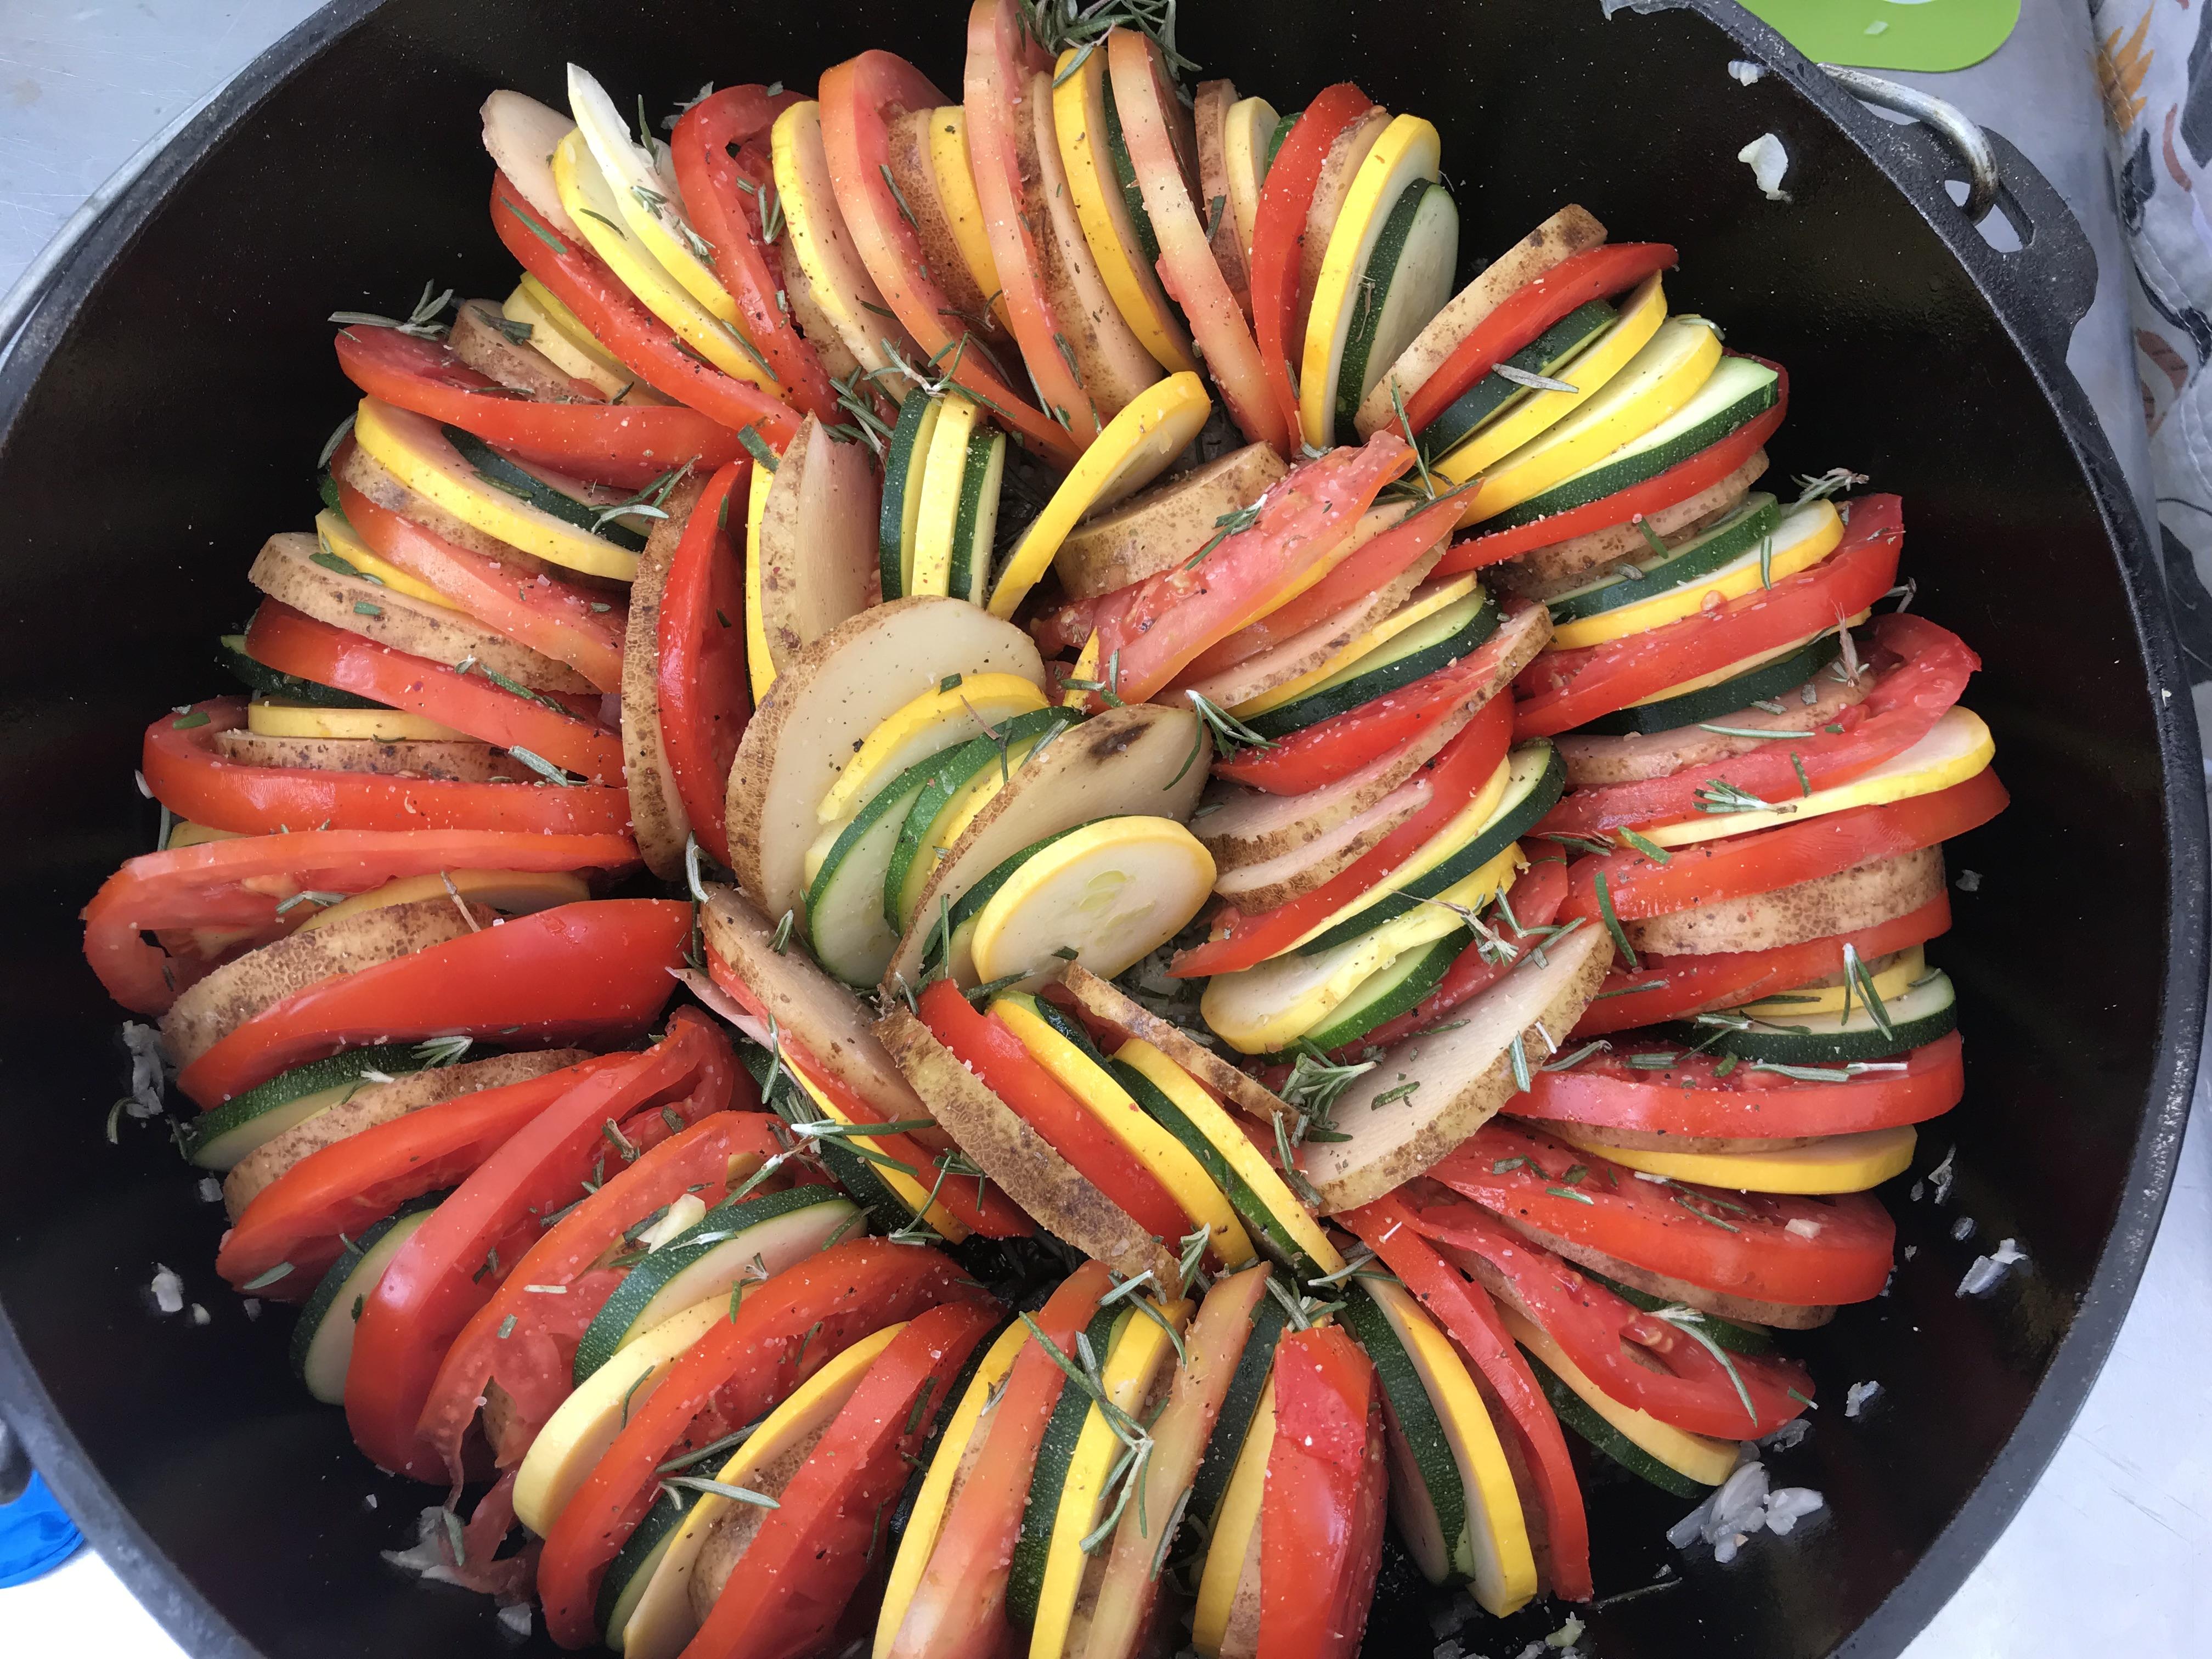 Veggie Casserole in Dutch Oven